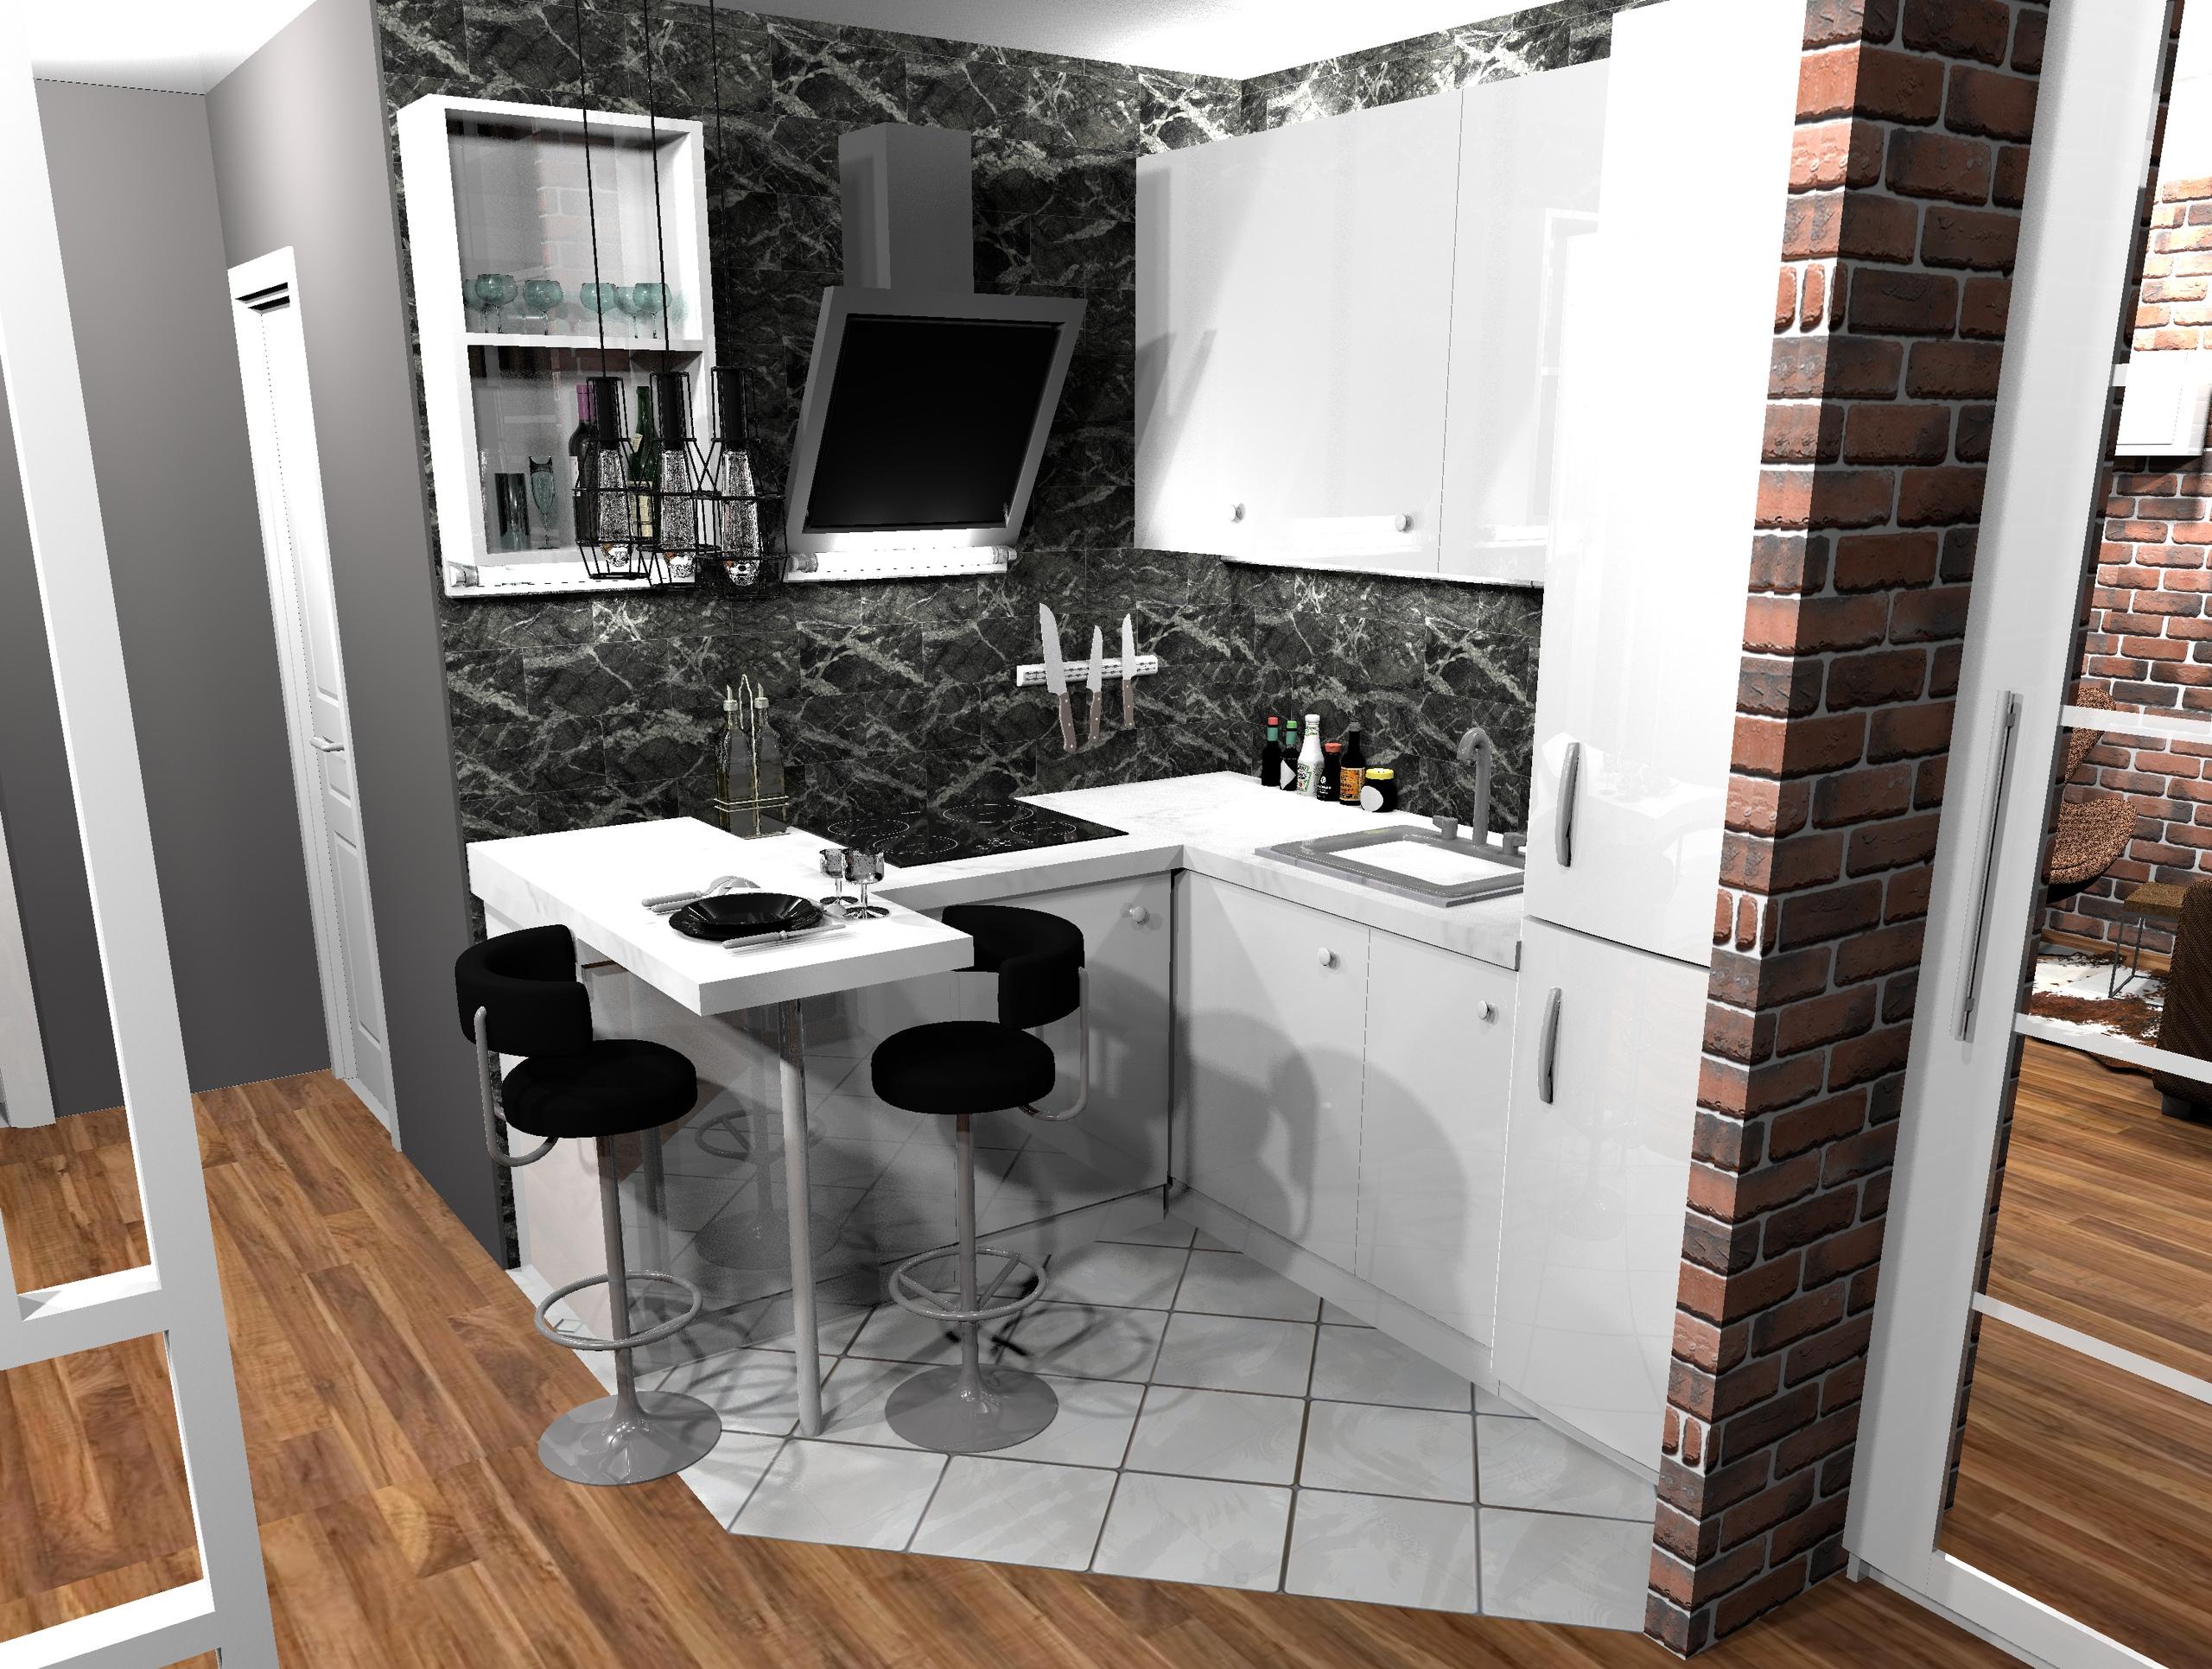 Добрый день, какой дизайн более подходит для кухонных стен в студии?